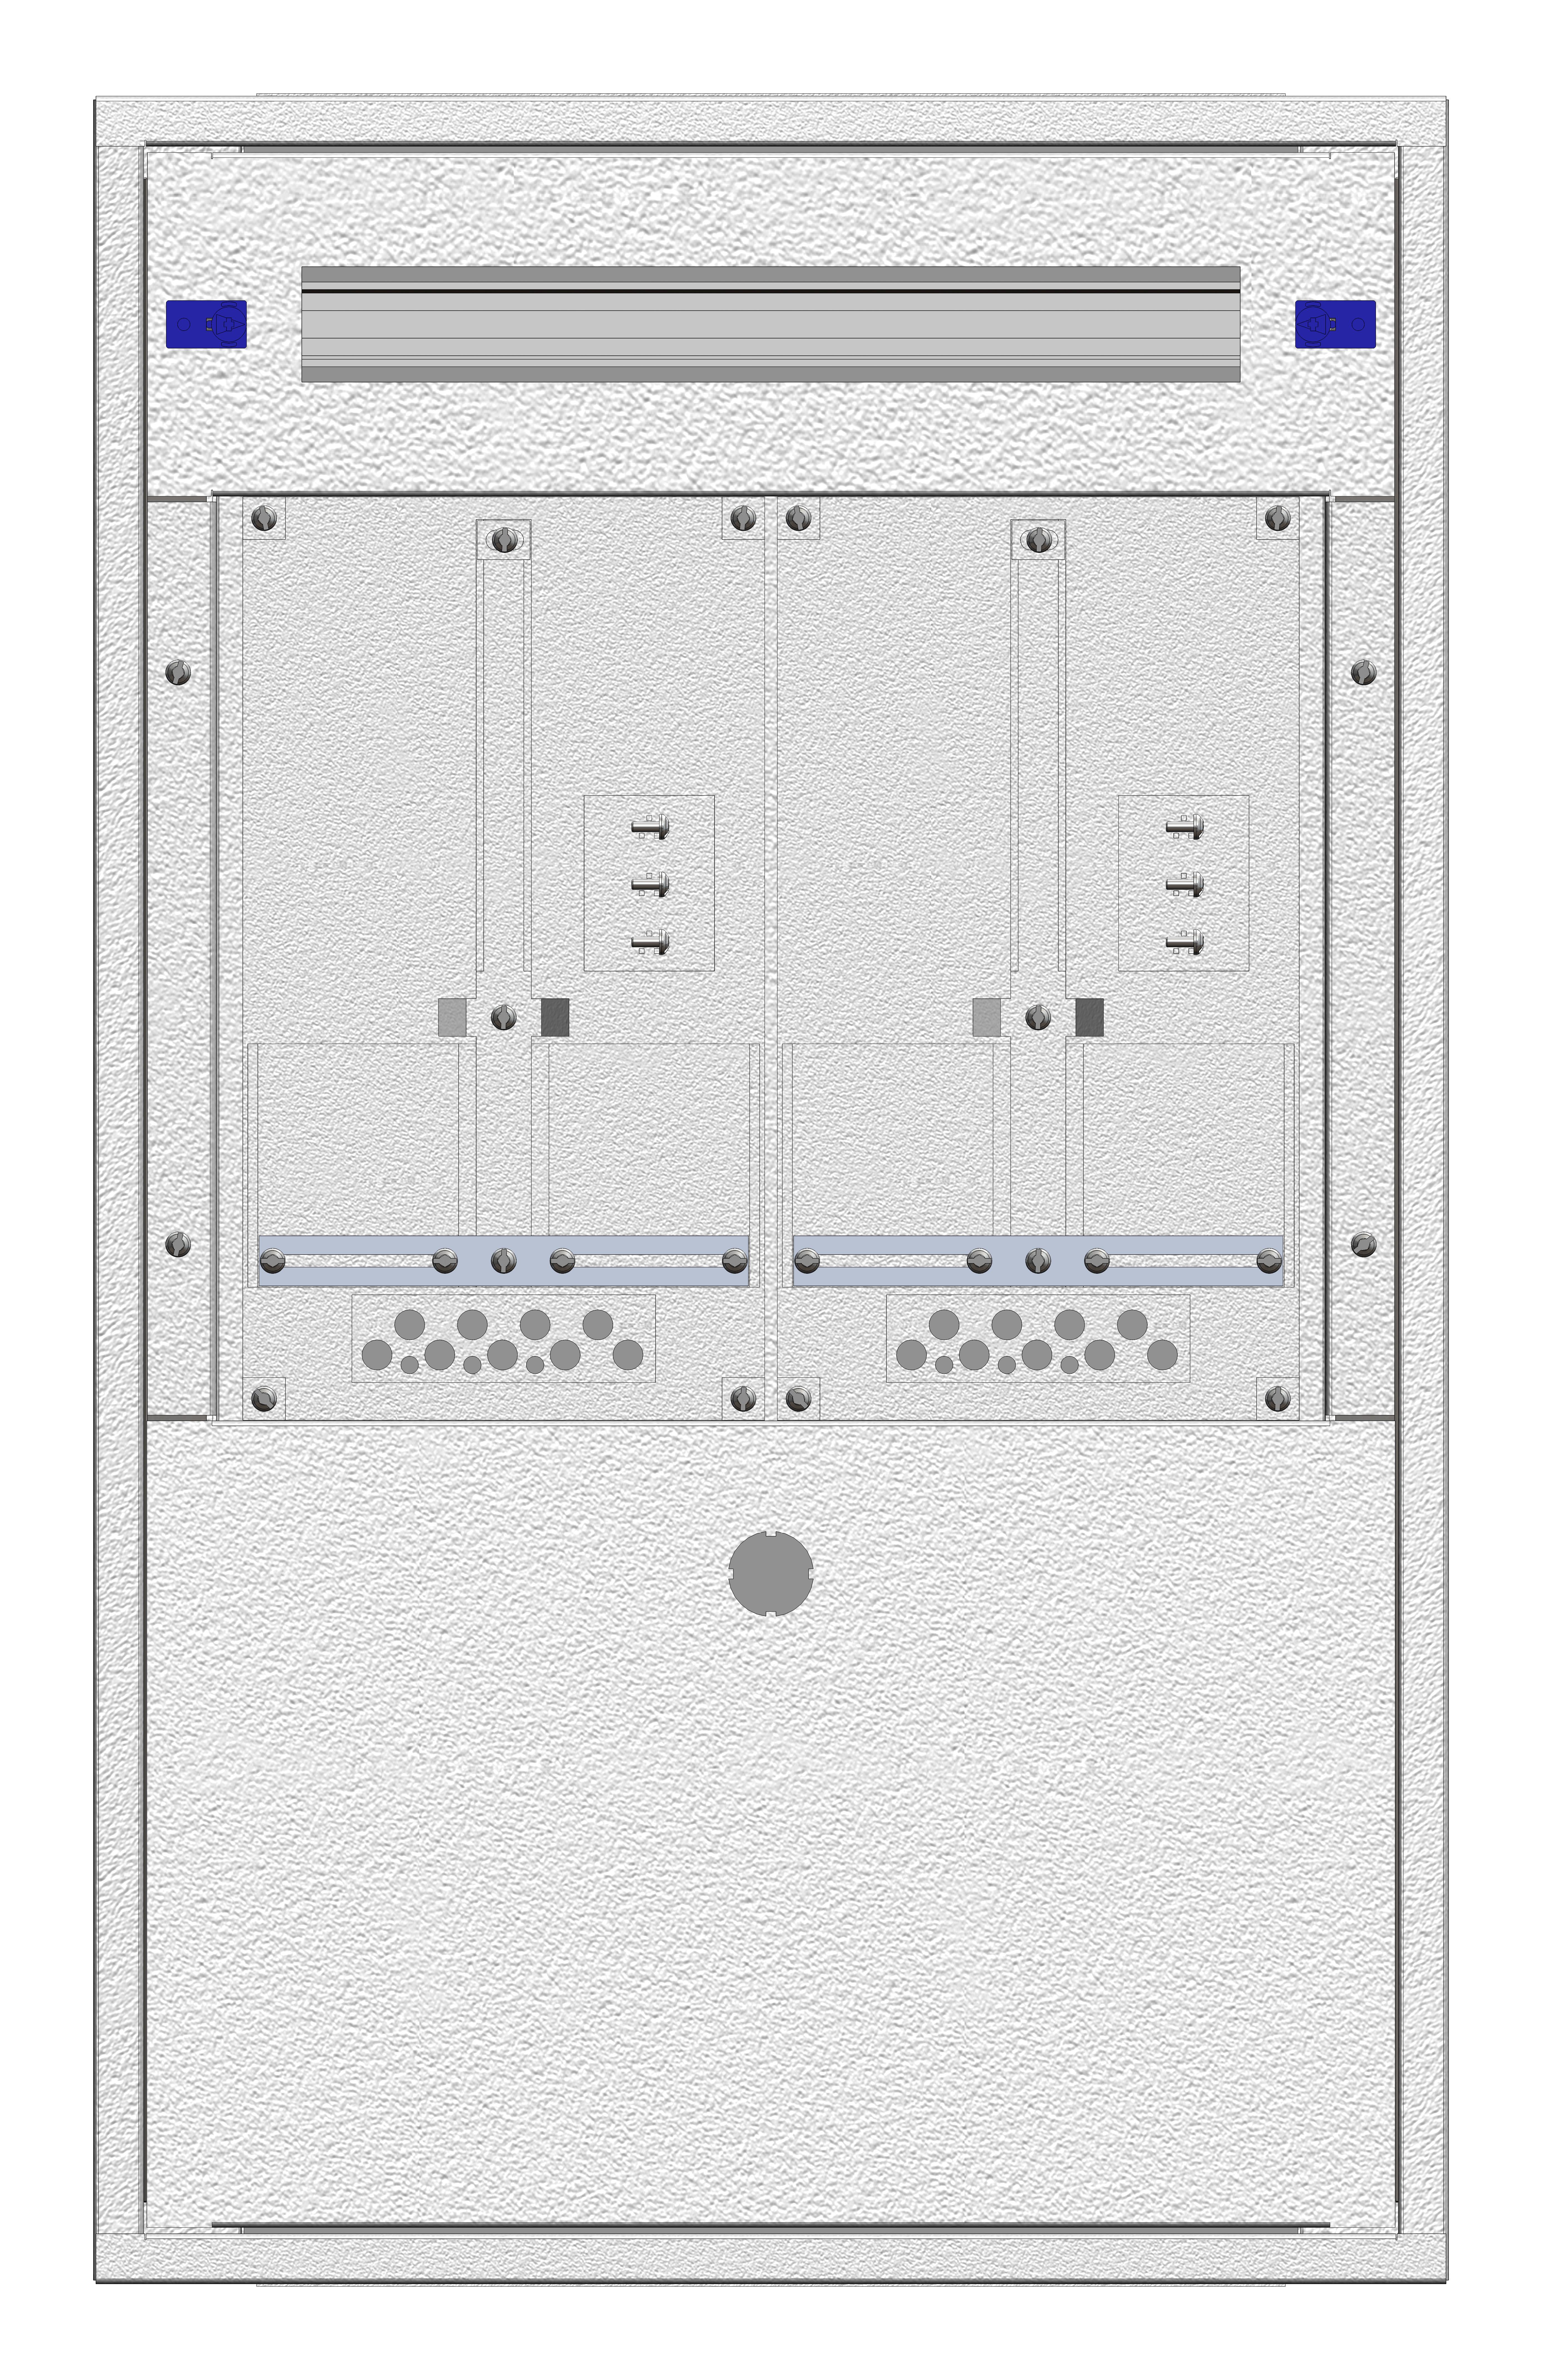 1 Stk Aufputz-Zählerverteiler 2A-18E/BGLD 2ZP, H915B590T250mm IL160218BS